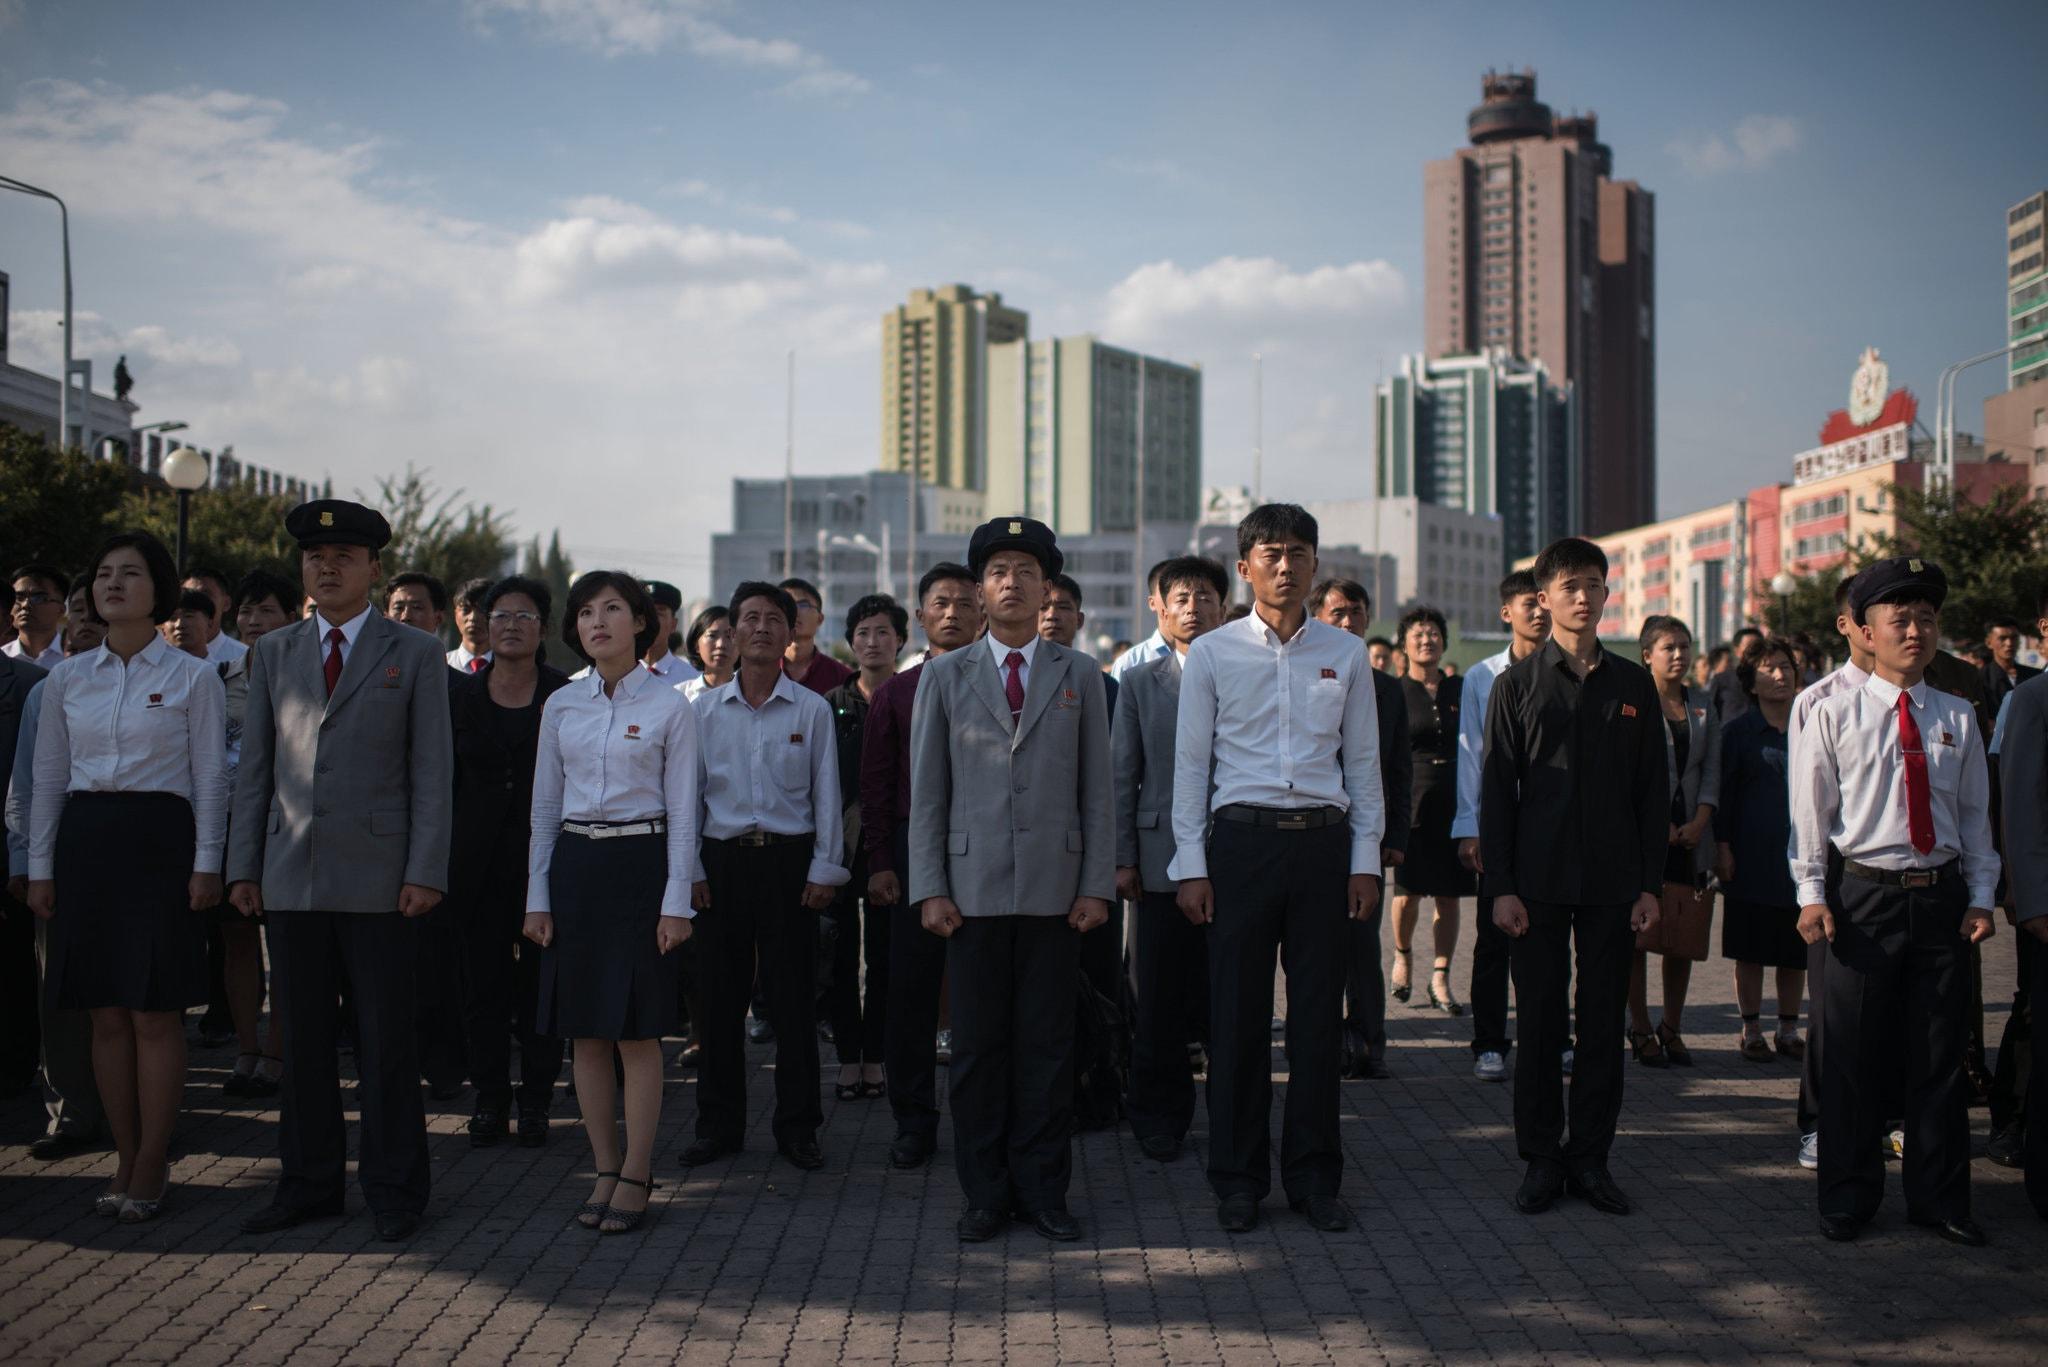 تاثیرگذاری فرهنگ کره جنوبی بر دختران کره شمالی